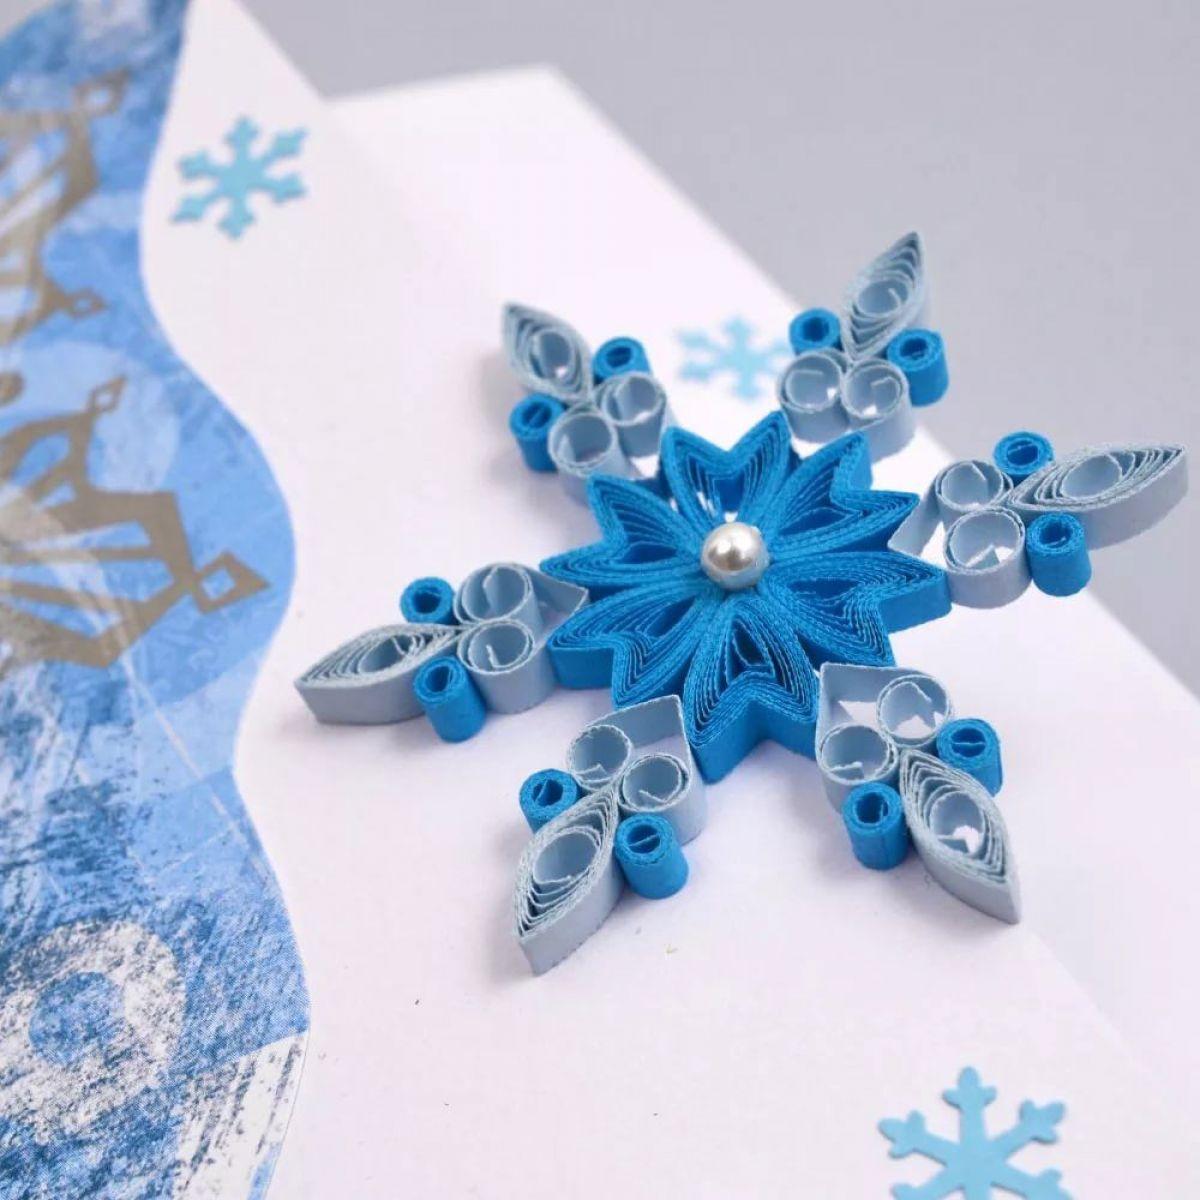 Объемные снежинки из бумаги на новый 2021 год своими руками